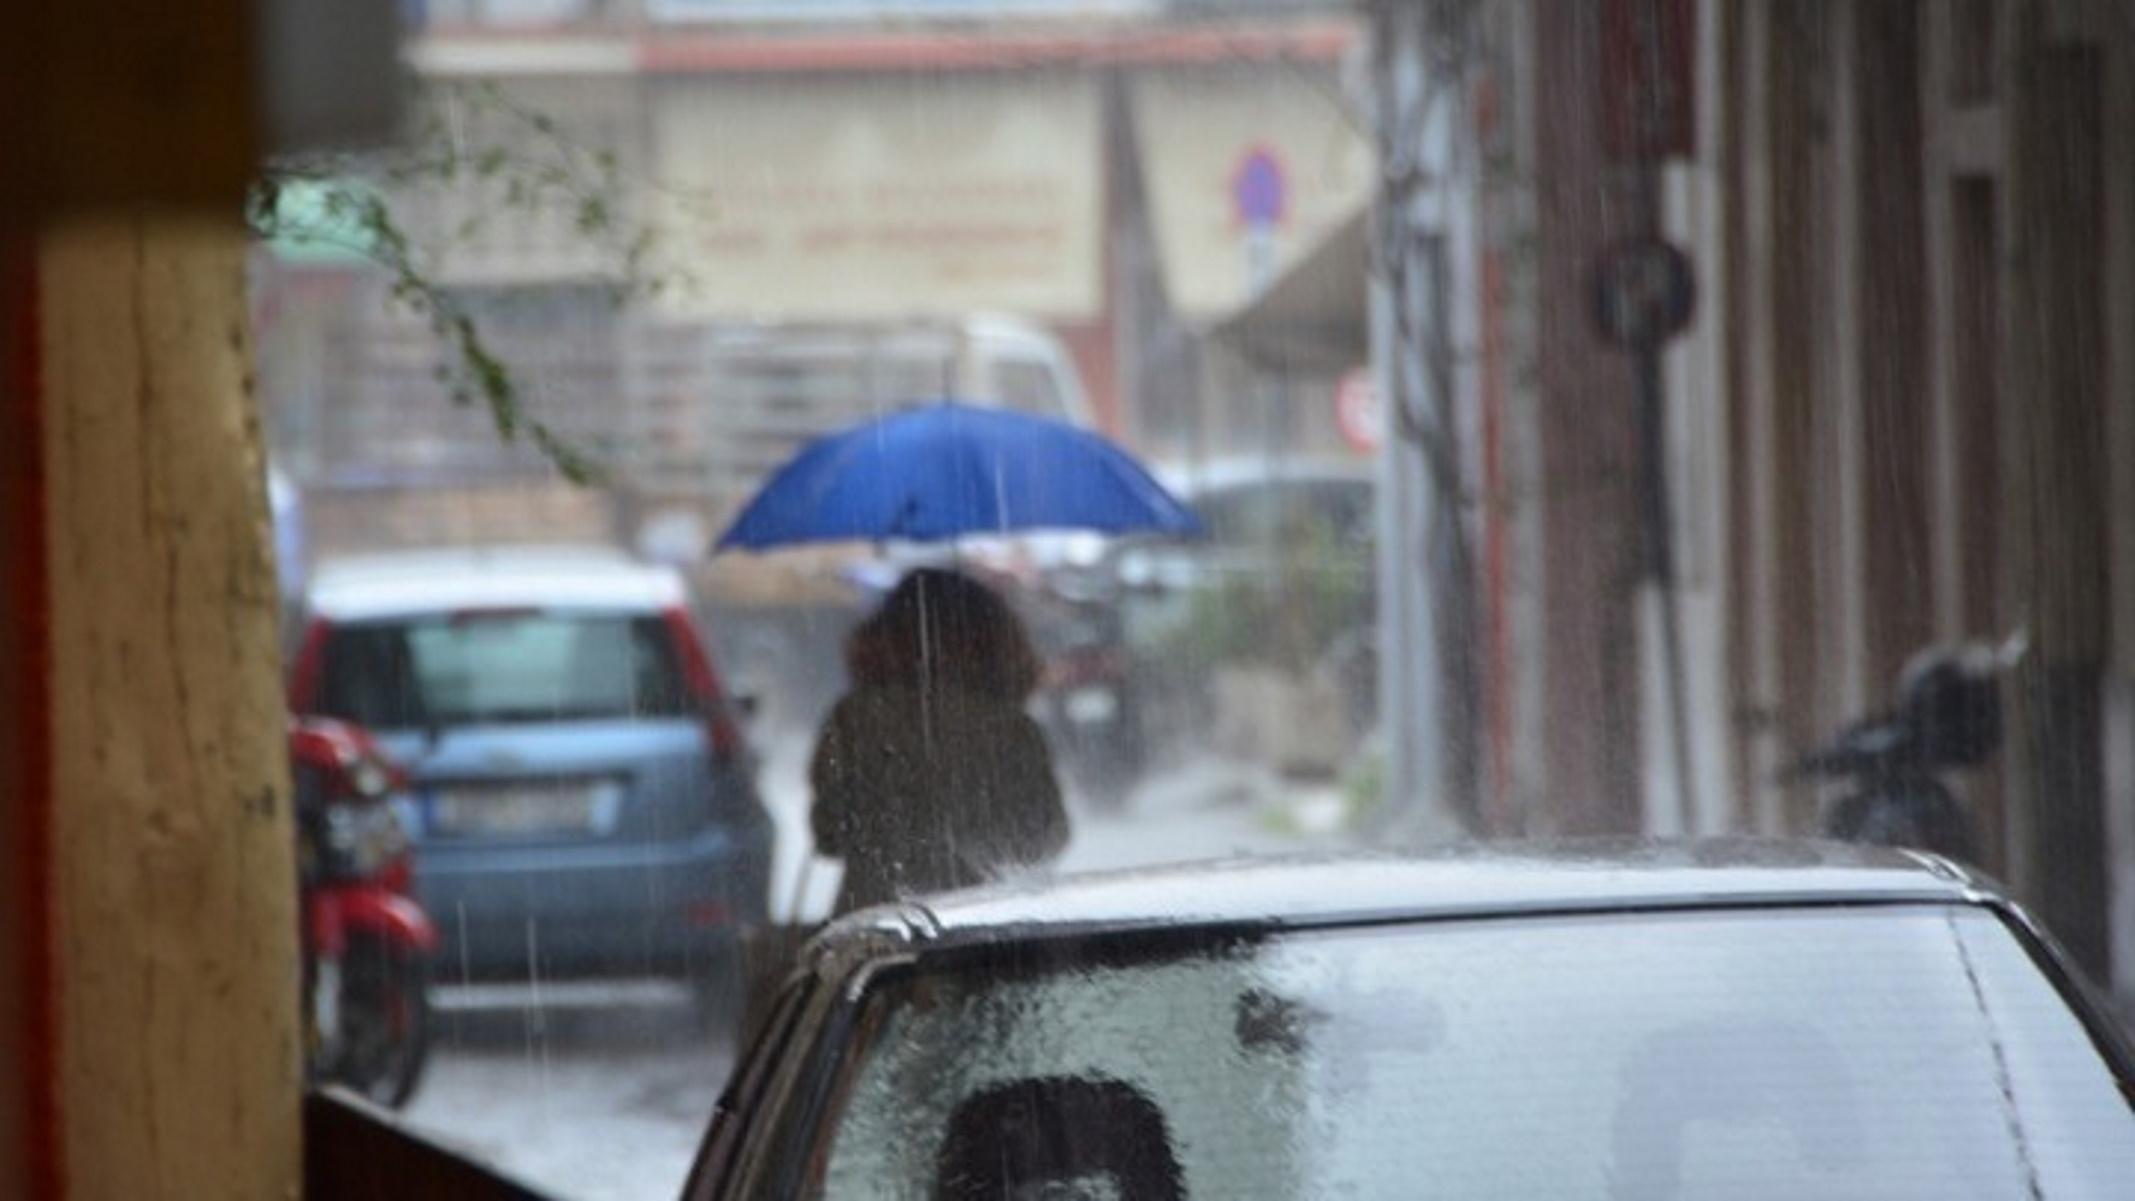 Καιρός σήμερα: Στη μισή Ελλάδα ομπρέλες και στην άλλη μισή αντιολισθητικές αλυσίδες